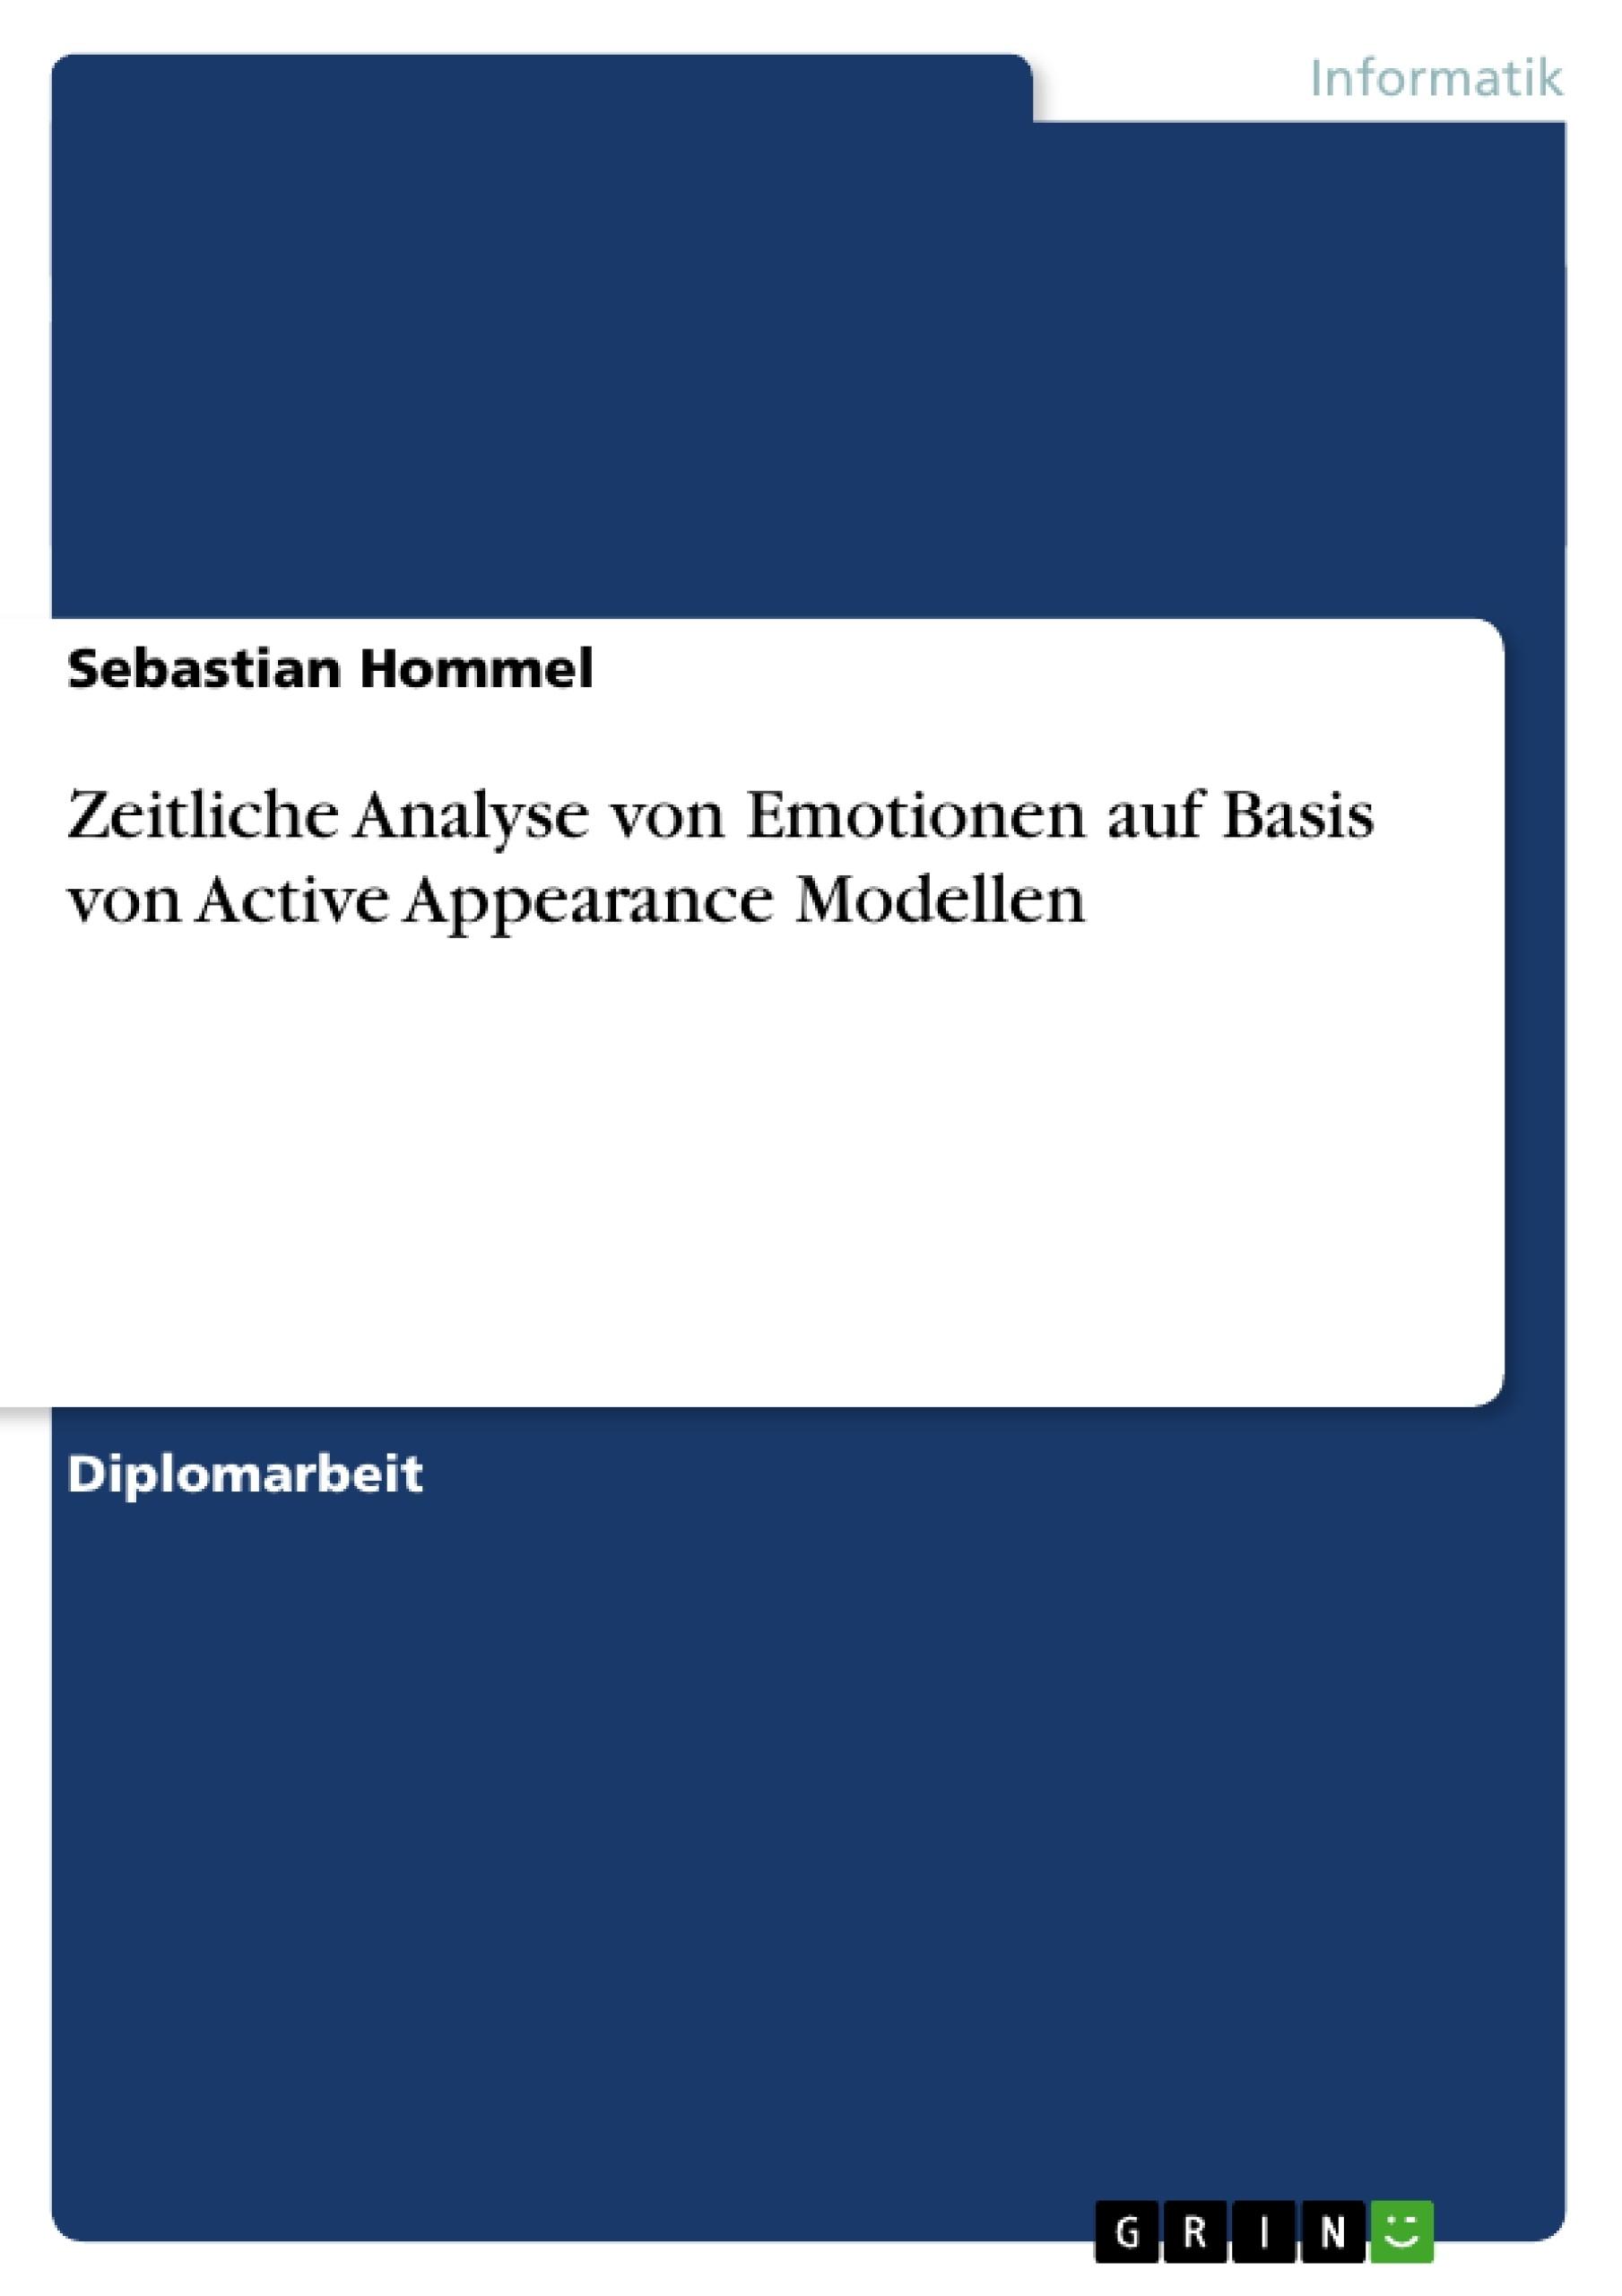 Titel: Zeitliche Analyse von Emotionen auf Basis von Active Appearance Modellen